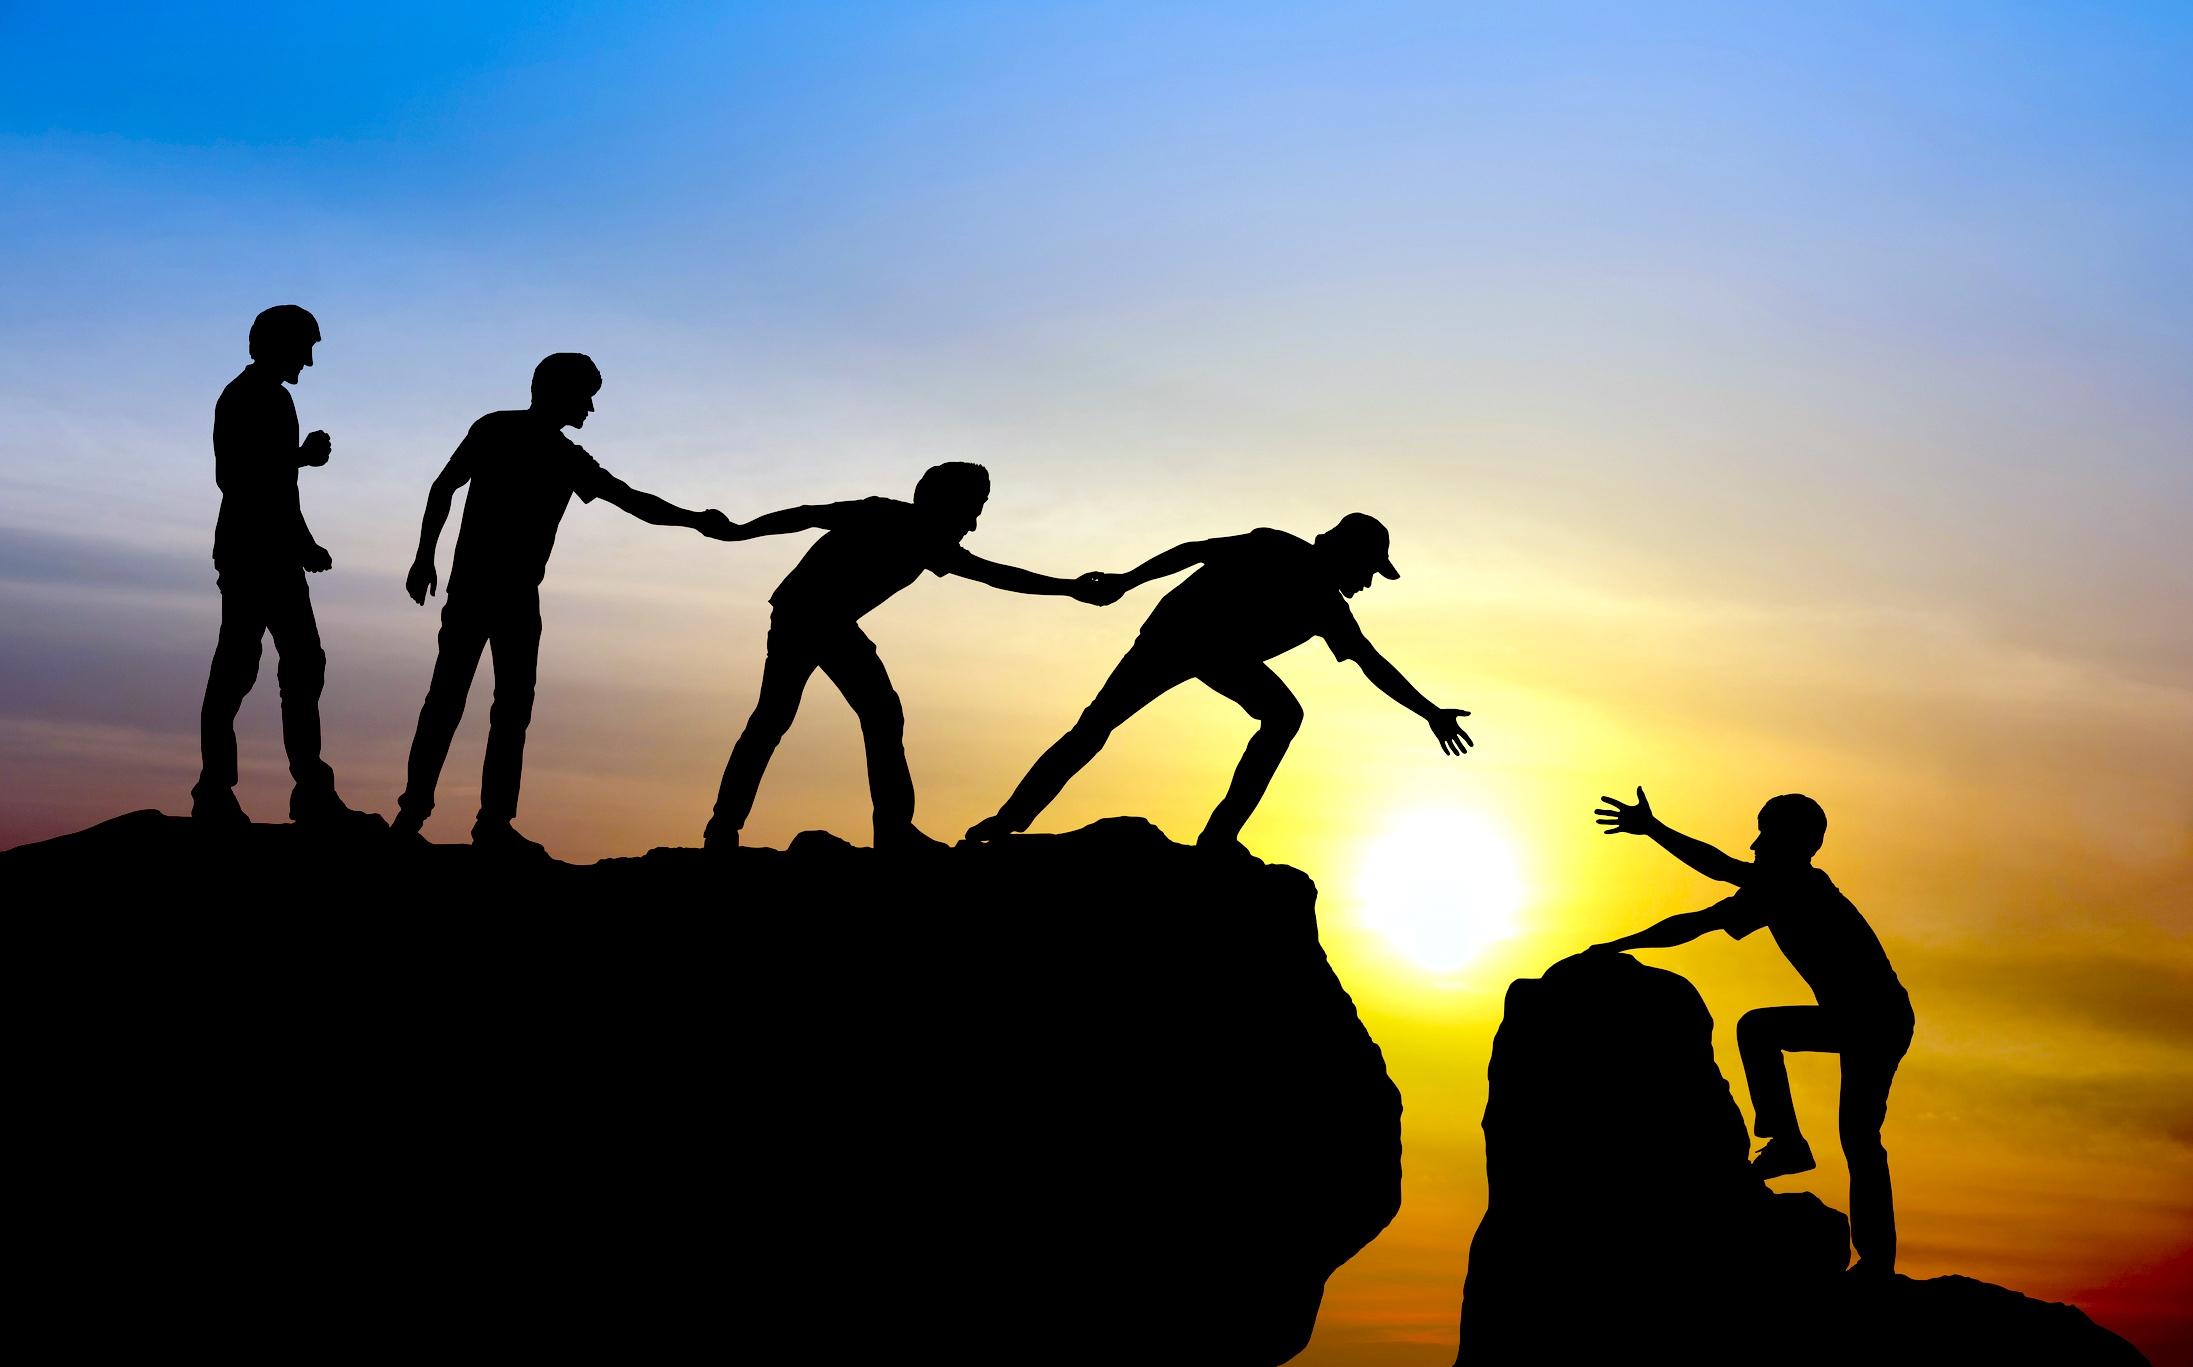 چگونه در شرایط سخت بر مشکلات غلبه نماییم؟